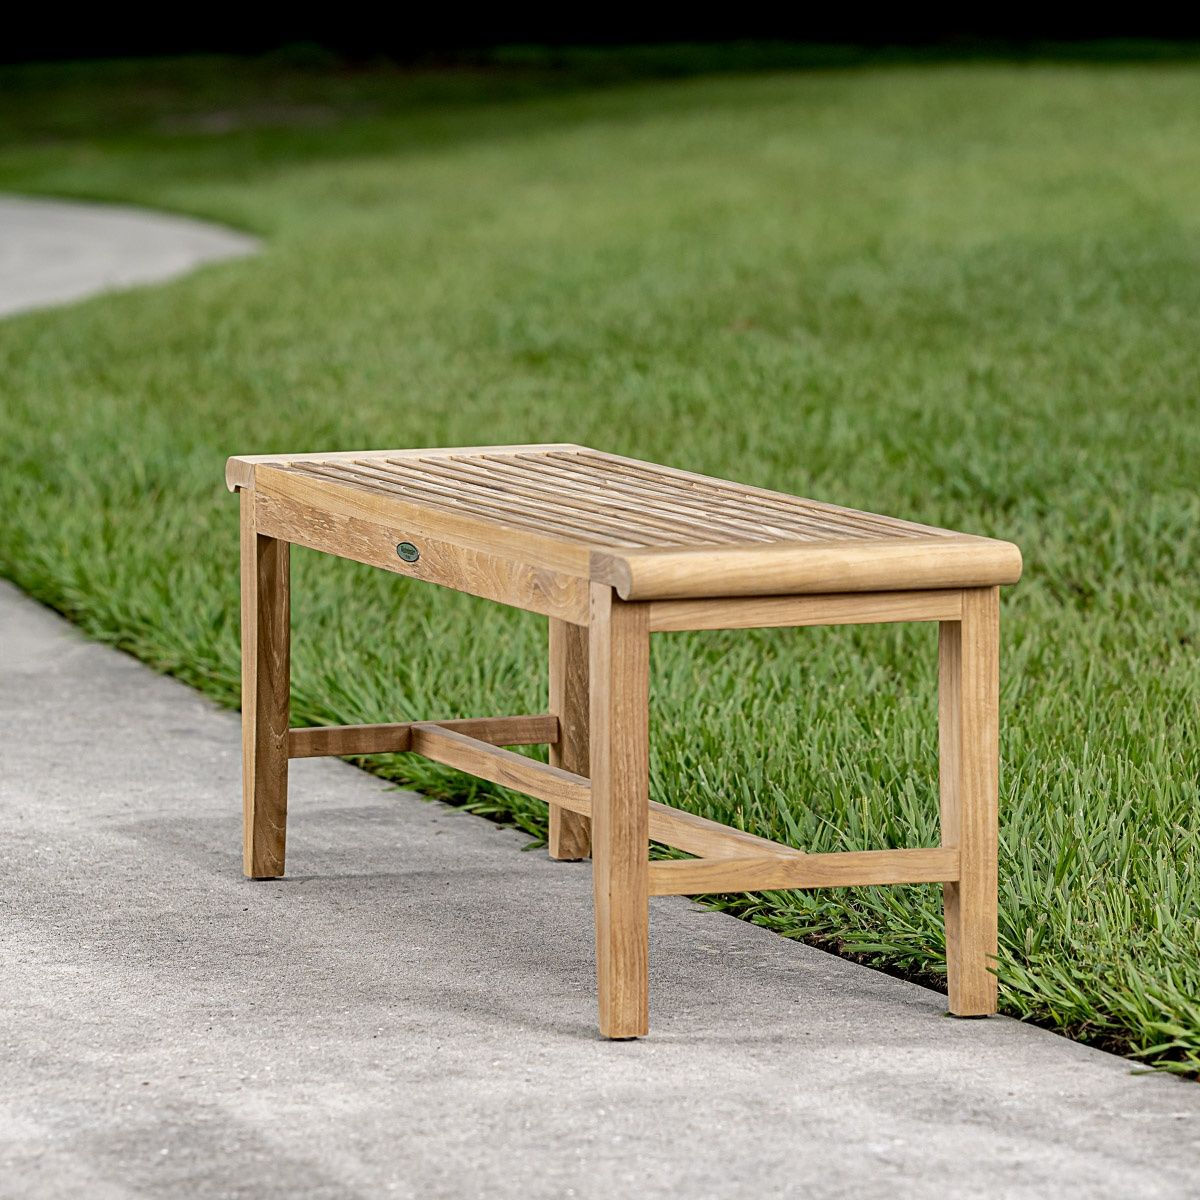 4 Ft Laguna Teak Backless Bench Westminster Teak Westminster Teak Teak Patio Furniture Teak Bench